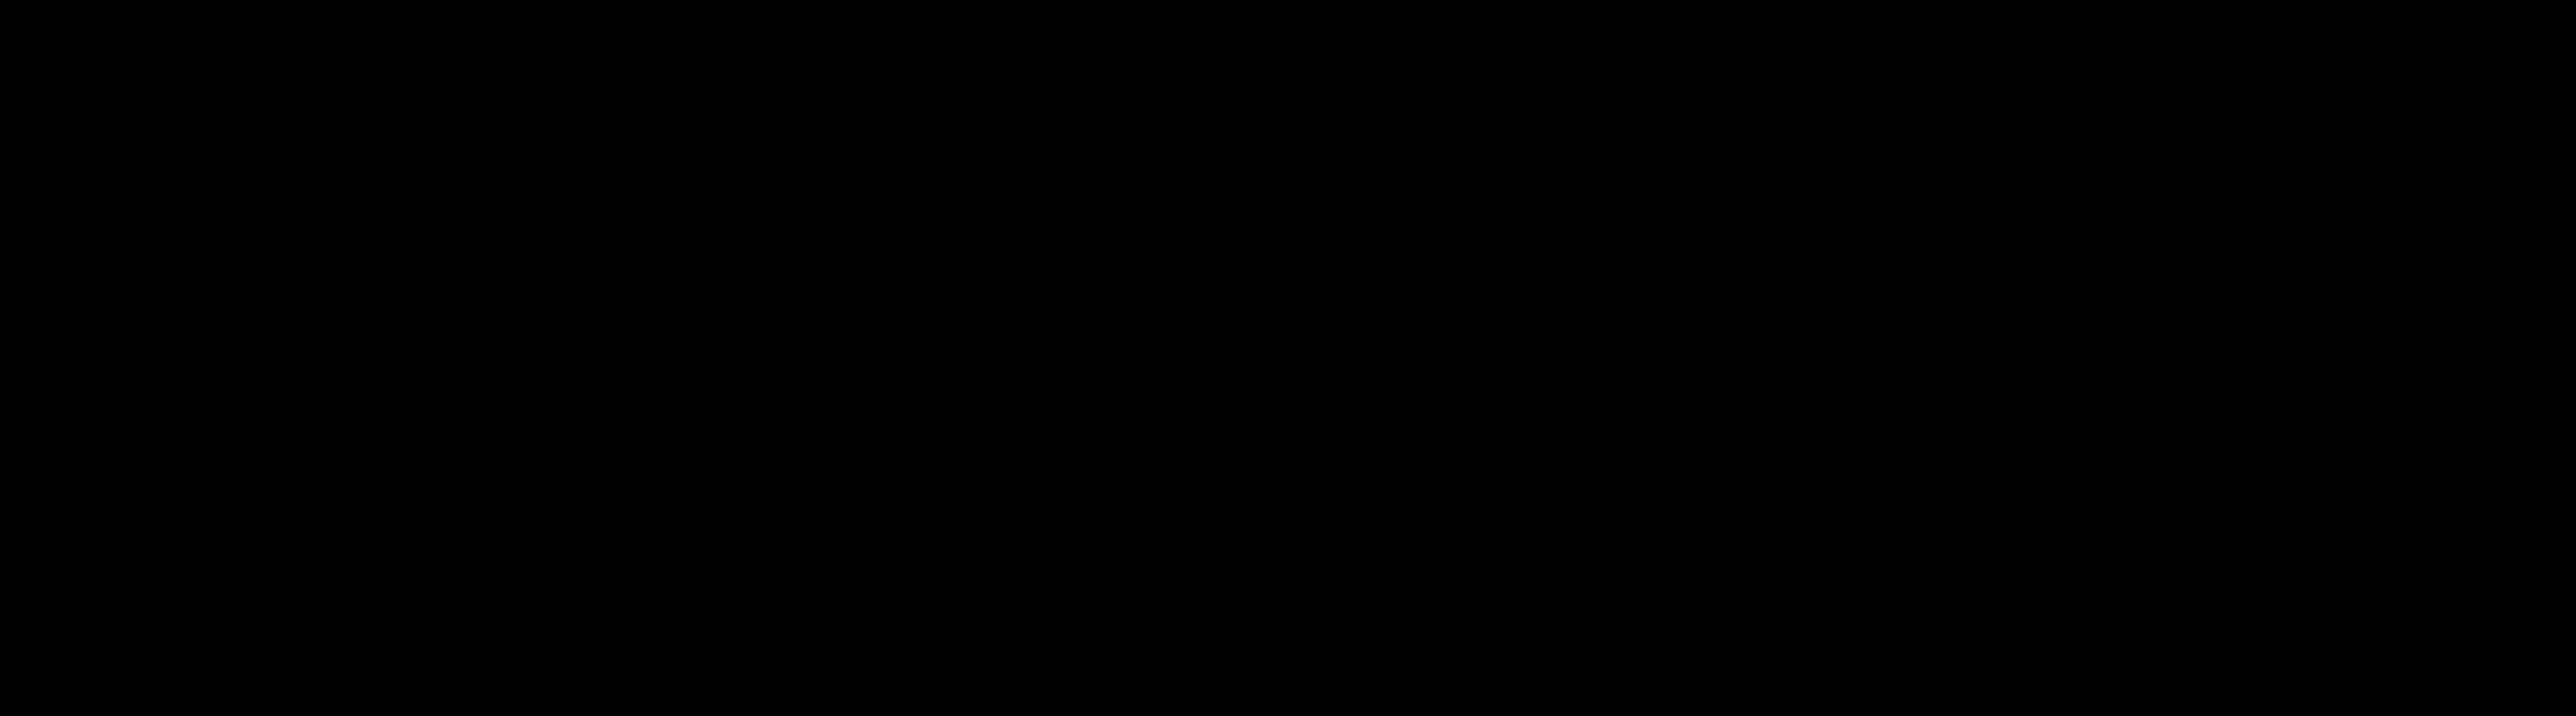 SLC-(+)-Biotin